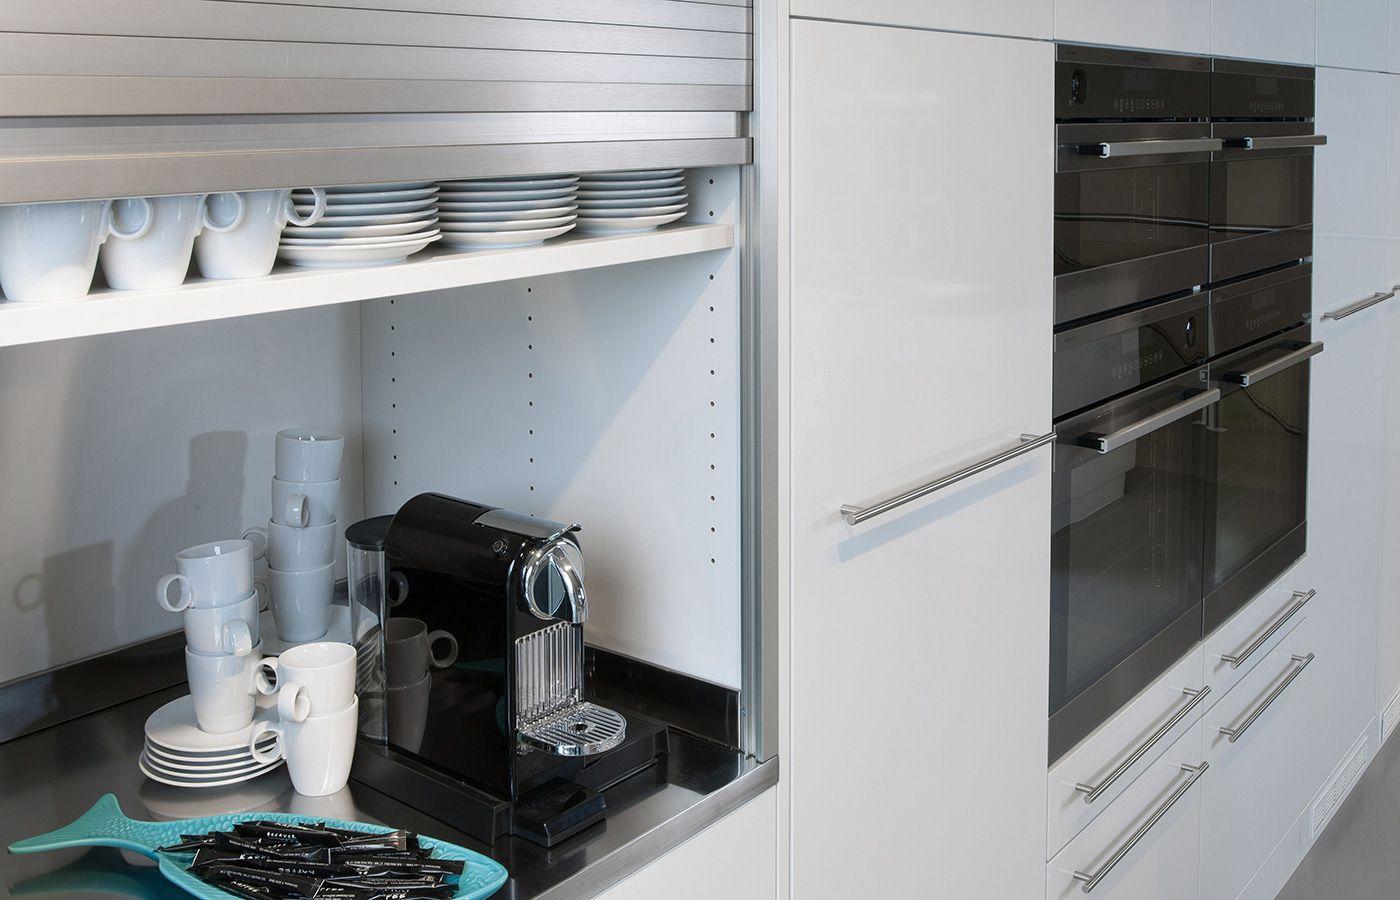 bildergebnis für küche rollo schrank | küchenideen | pinterest ... - Rollos Für Die Küche